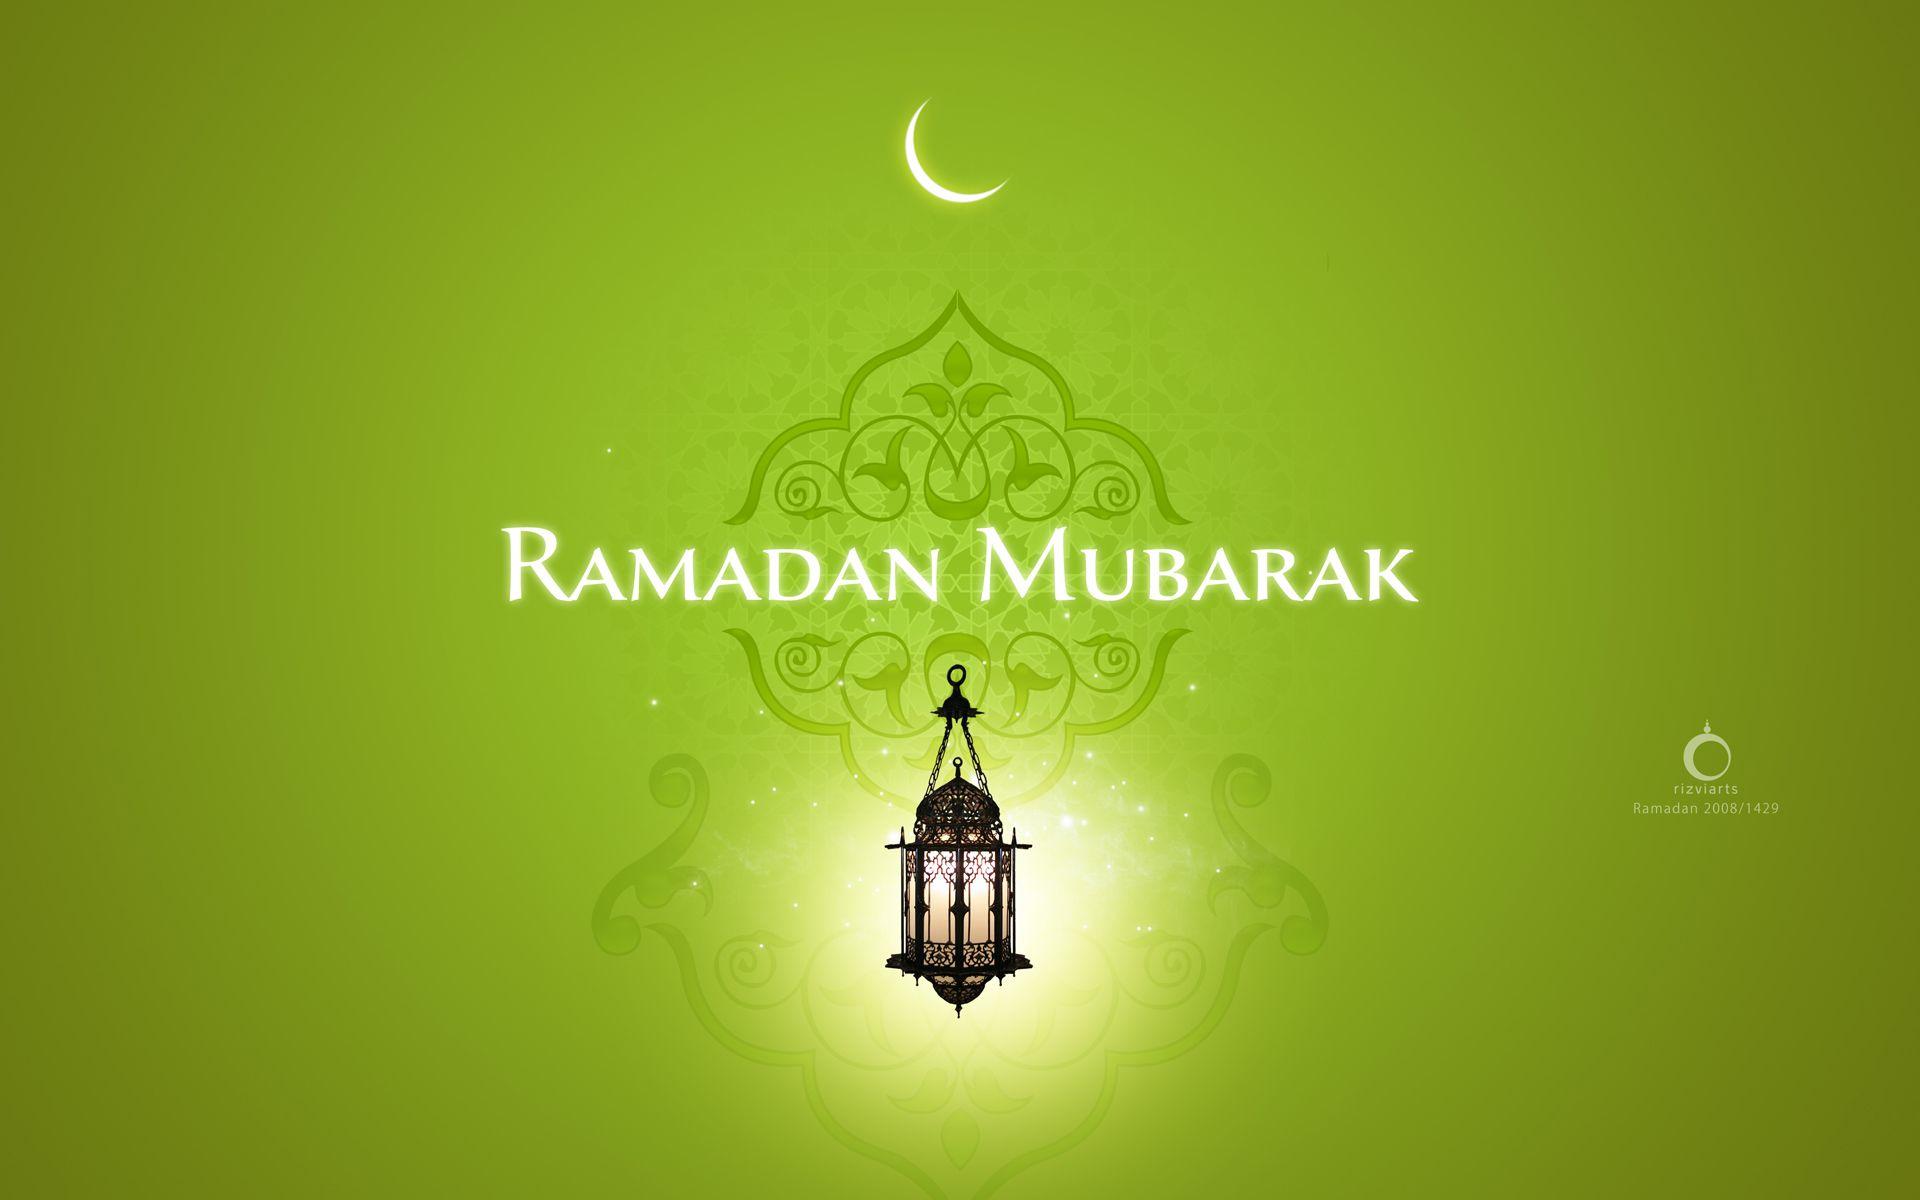 Hd wallpaper ramzan mubarak - Ramadan History Dates Greeting And Rules Of The Muslim Fast Eid Mubarak Wallpaperramadan